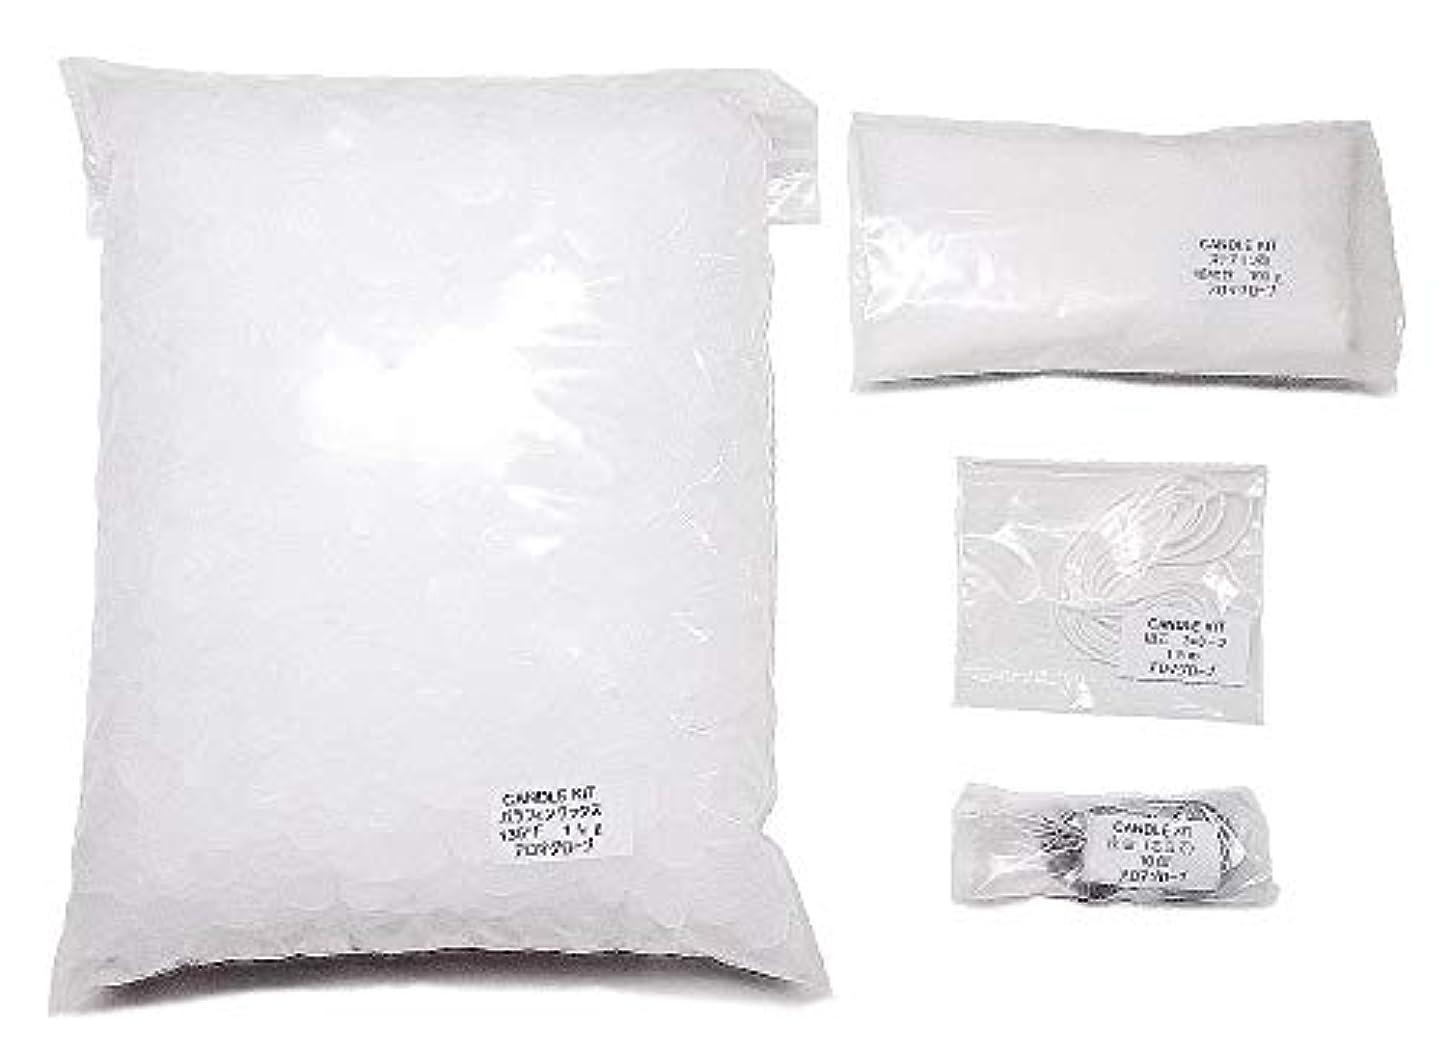 配管腫瘍フィード手作りキャンドルキット材料(パラフィンワックス1kg,座金10個,芯1.5m,ステアリン酸)作り方説明書付